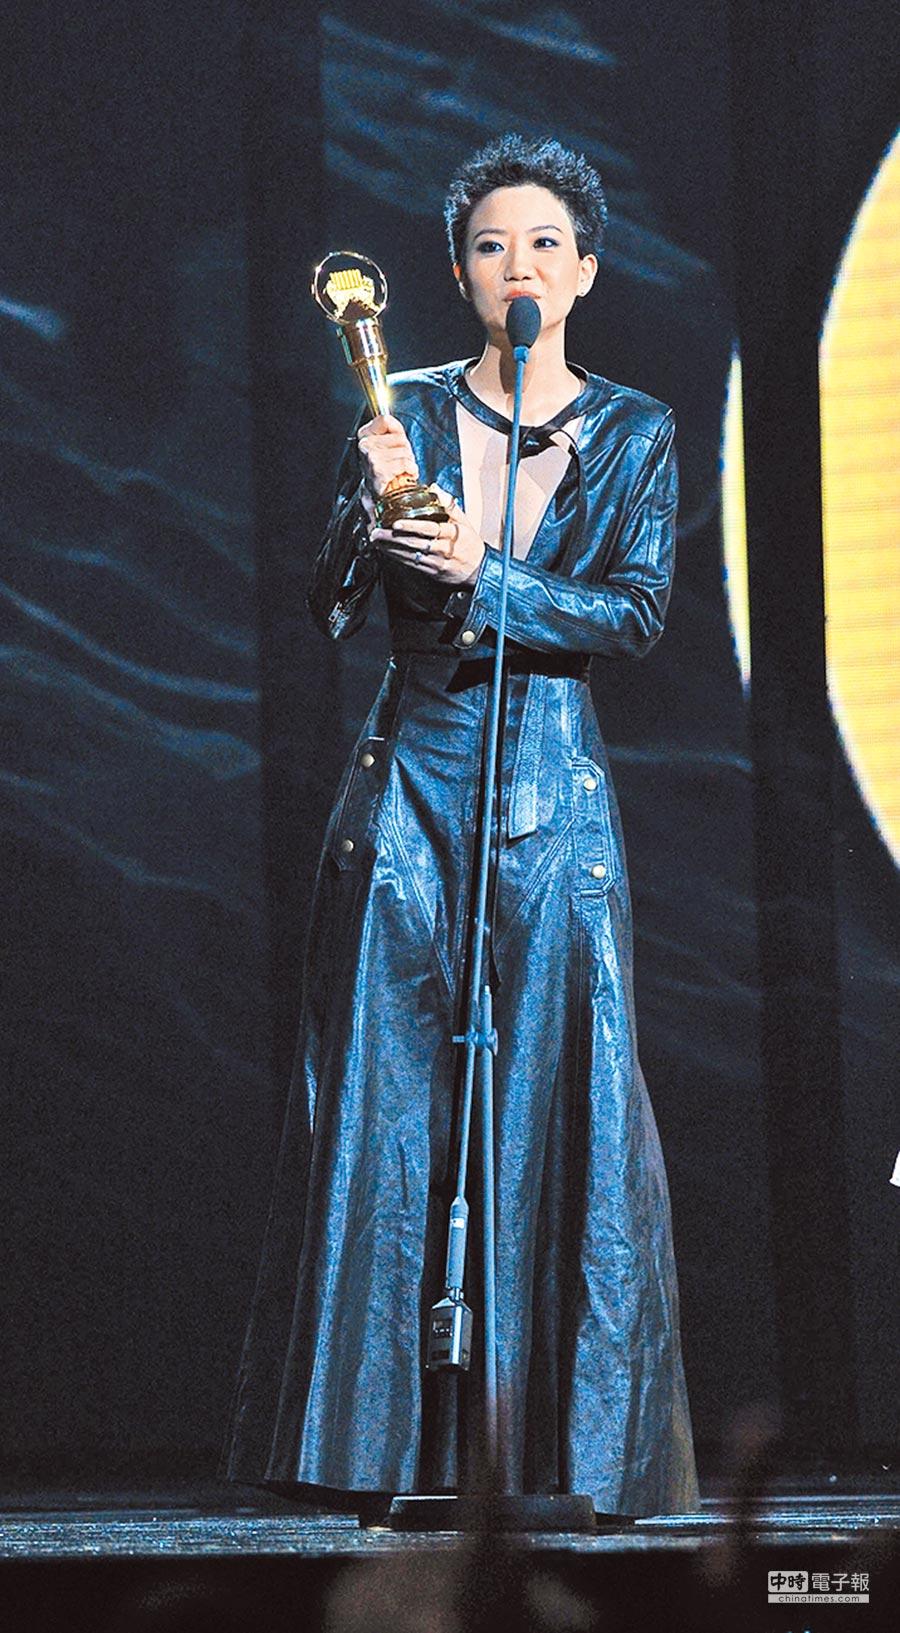 2017年盧凱彤以《還不夠遠》奪下金曲獎最佳編曲人獎。(本報系資料照片)